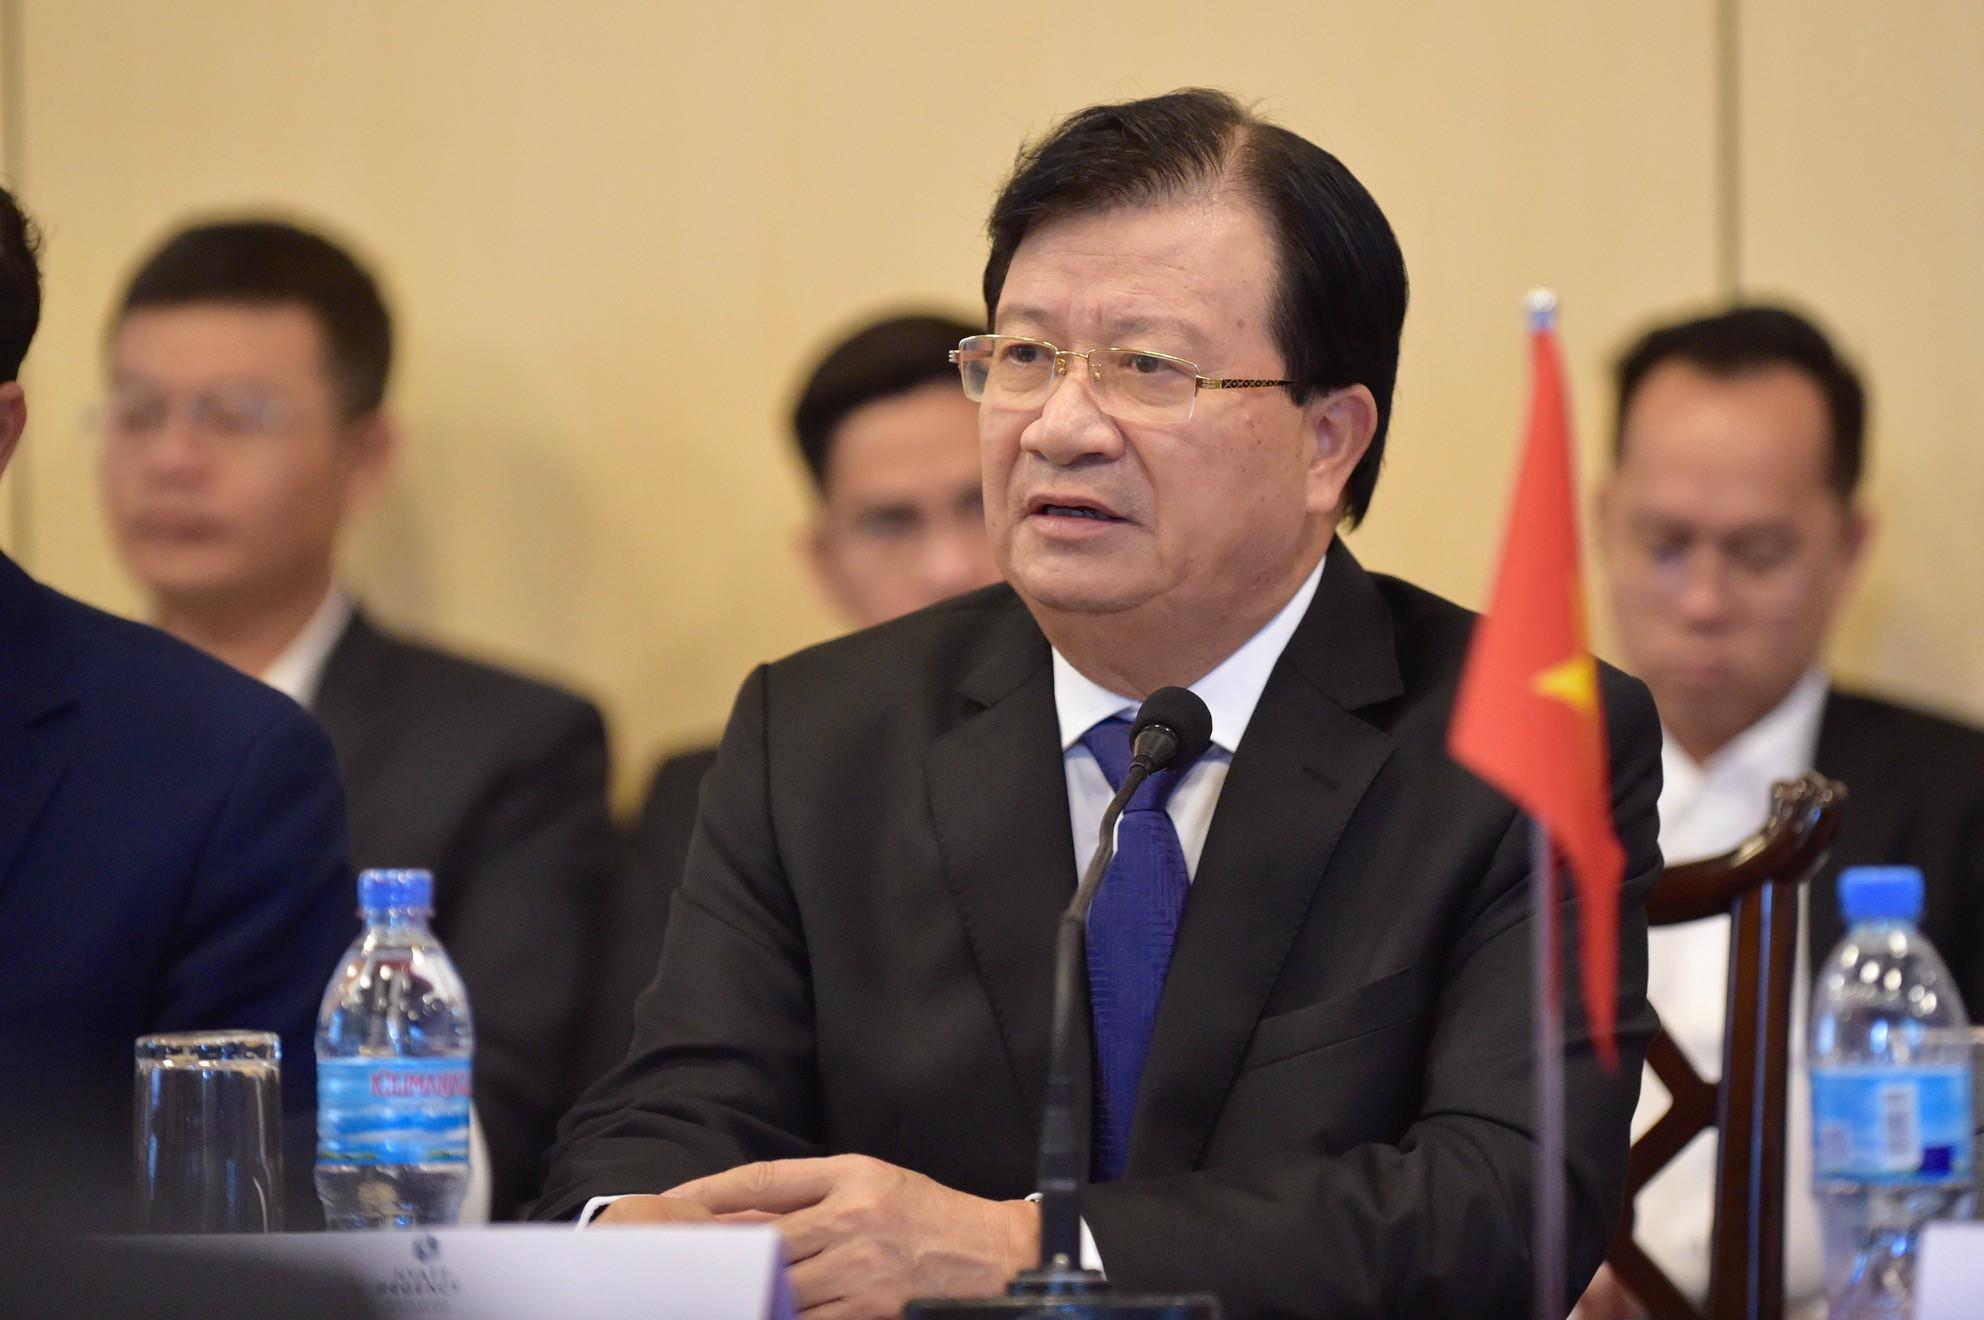 Tăng cường quan hệ chính trị, khuyến khích hợp tác doanh nghiệp Việt Nam-Tanzania - Ảnh 5.